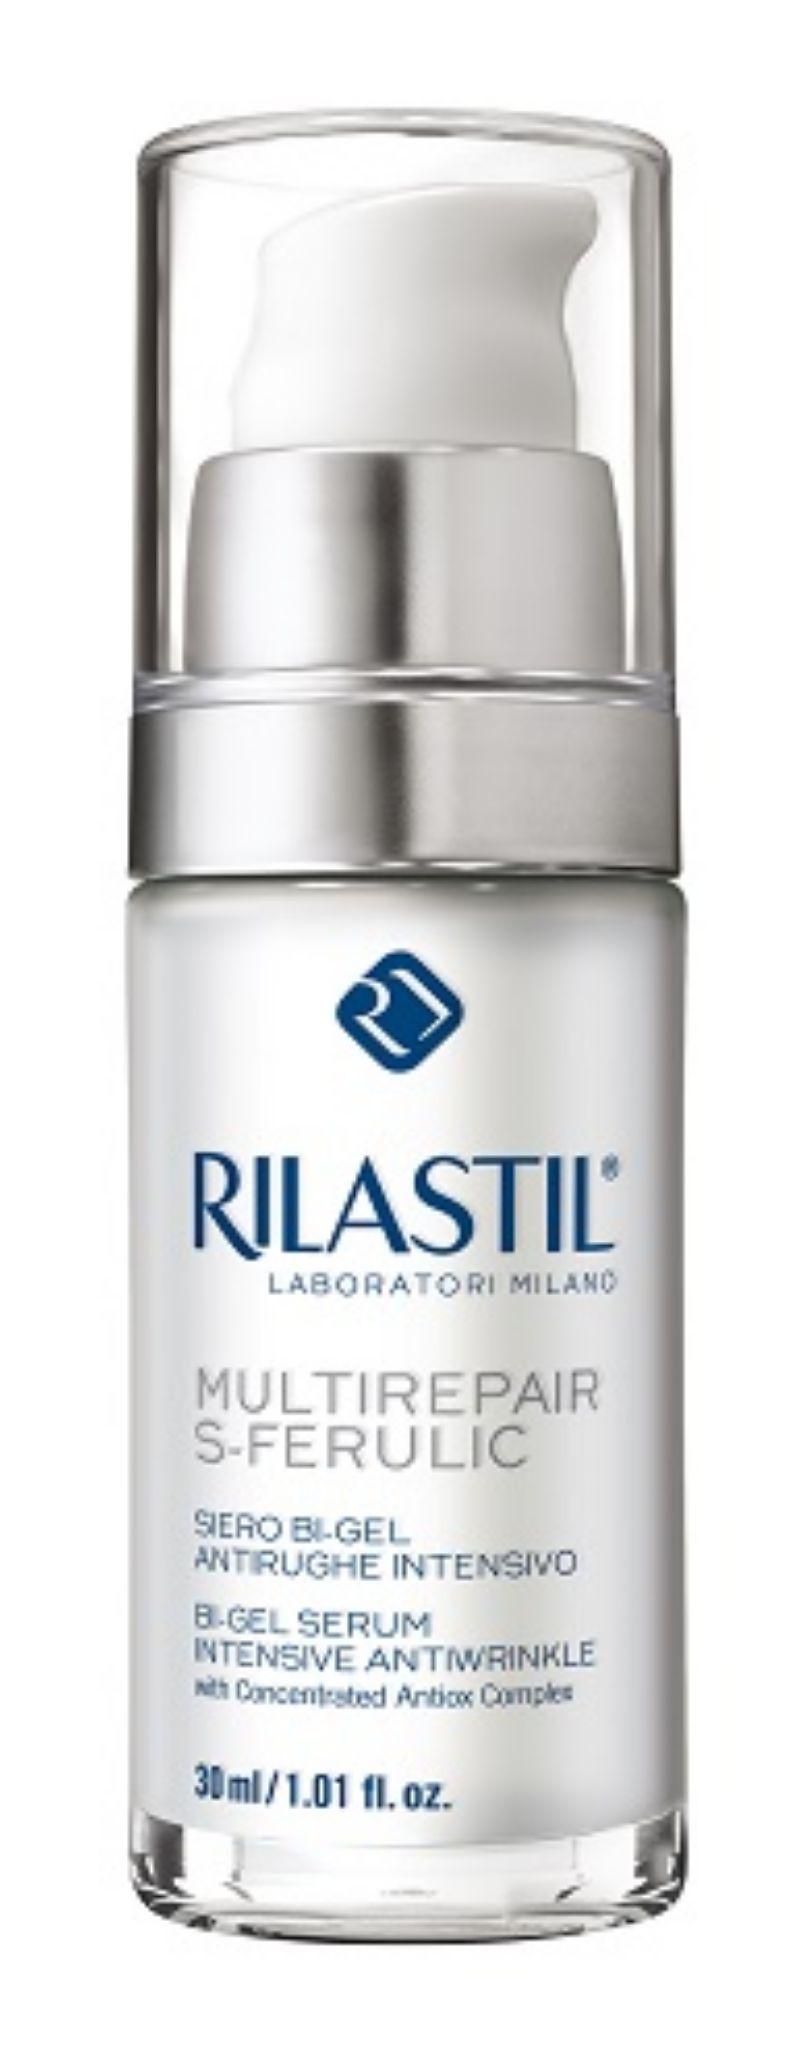 RILASTIL-MULTIREPAIR-S-FERULIC